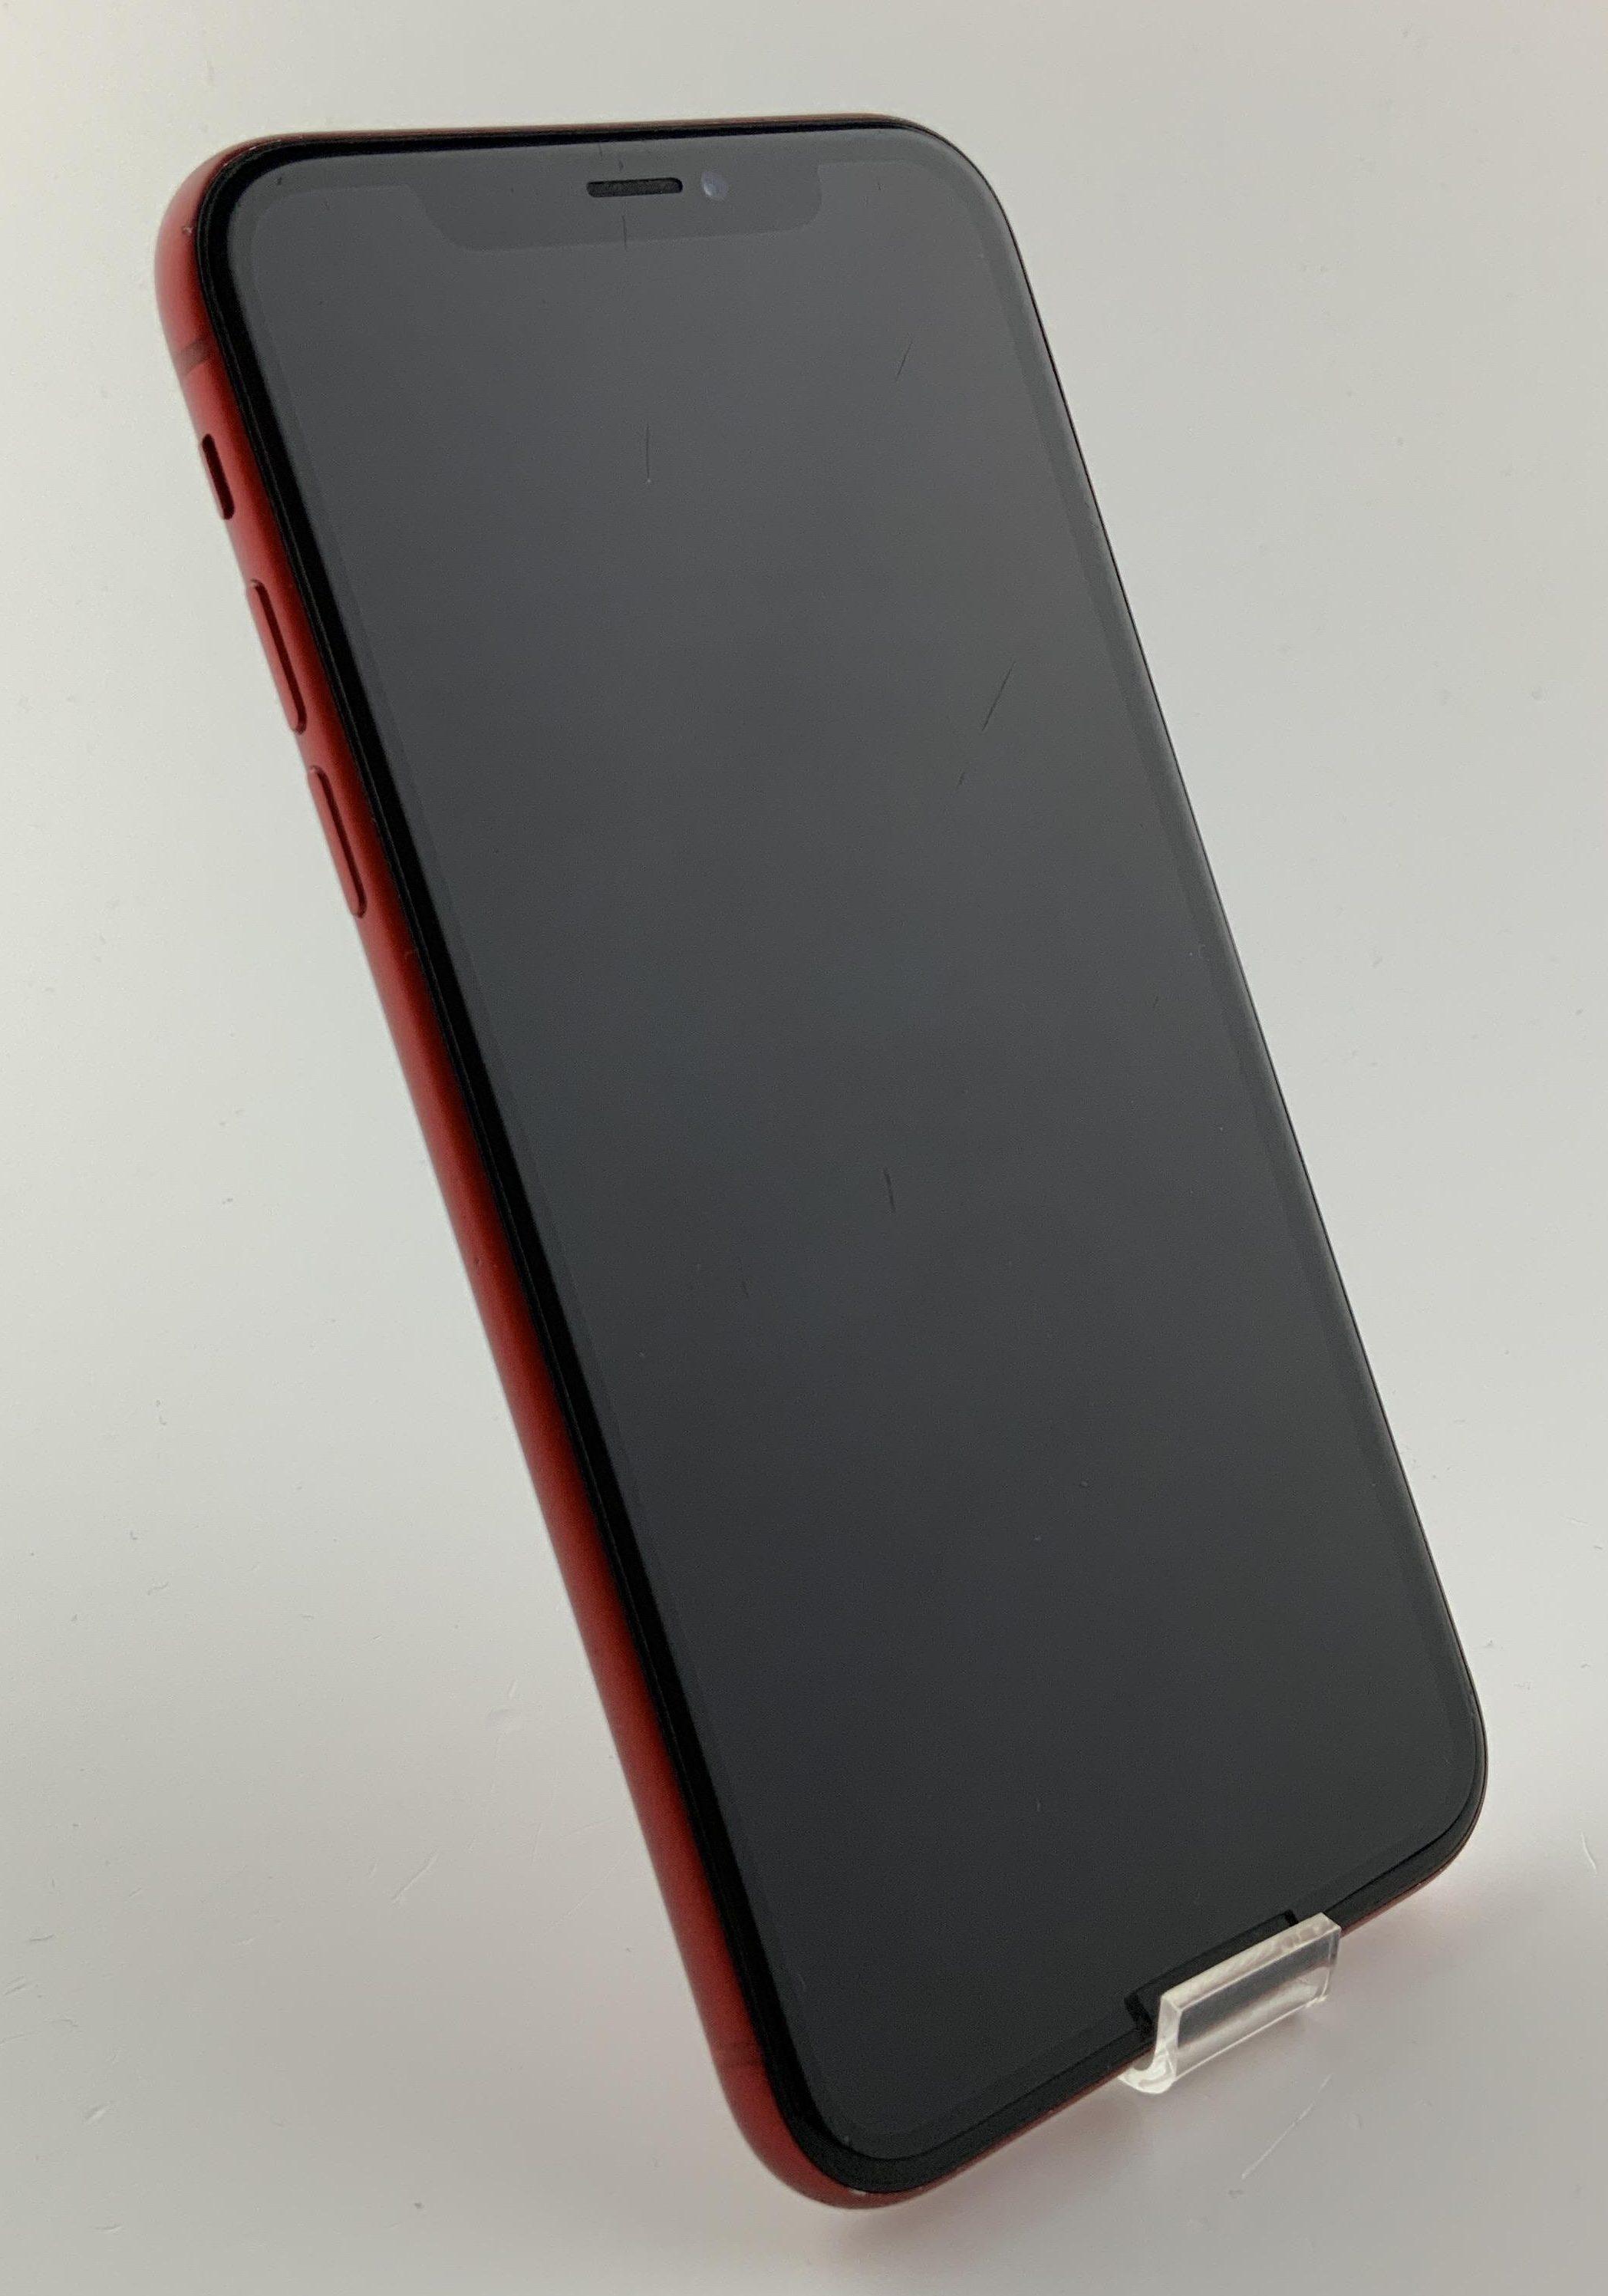 iPhone XR 128GB, 128GB, Red, obraz 1